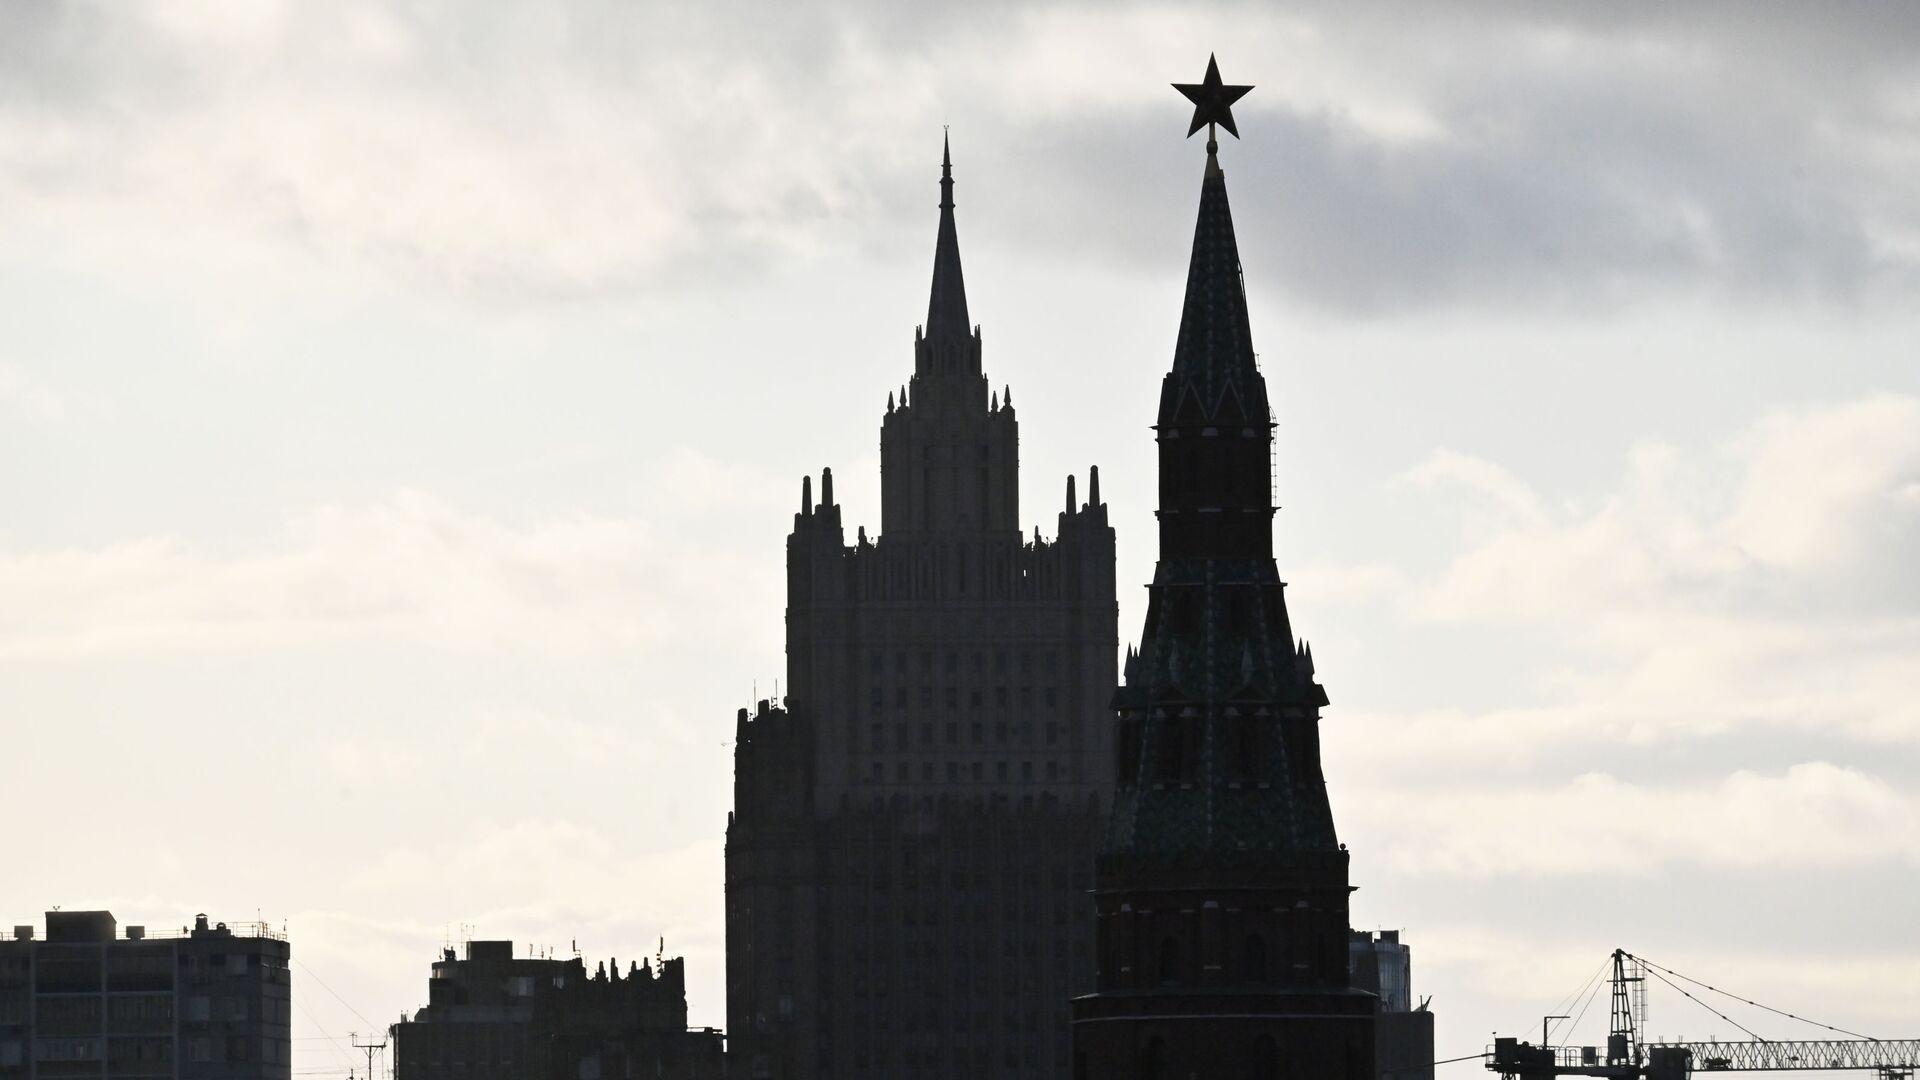 Vista su Cremlino e ministero degli Esteri russo - Sputnik Italia, 1920, 25.06.2021